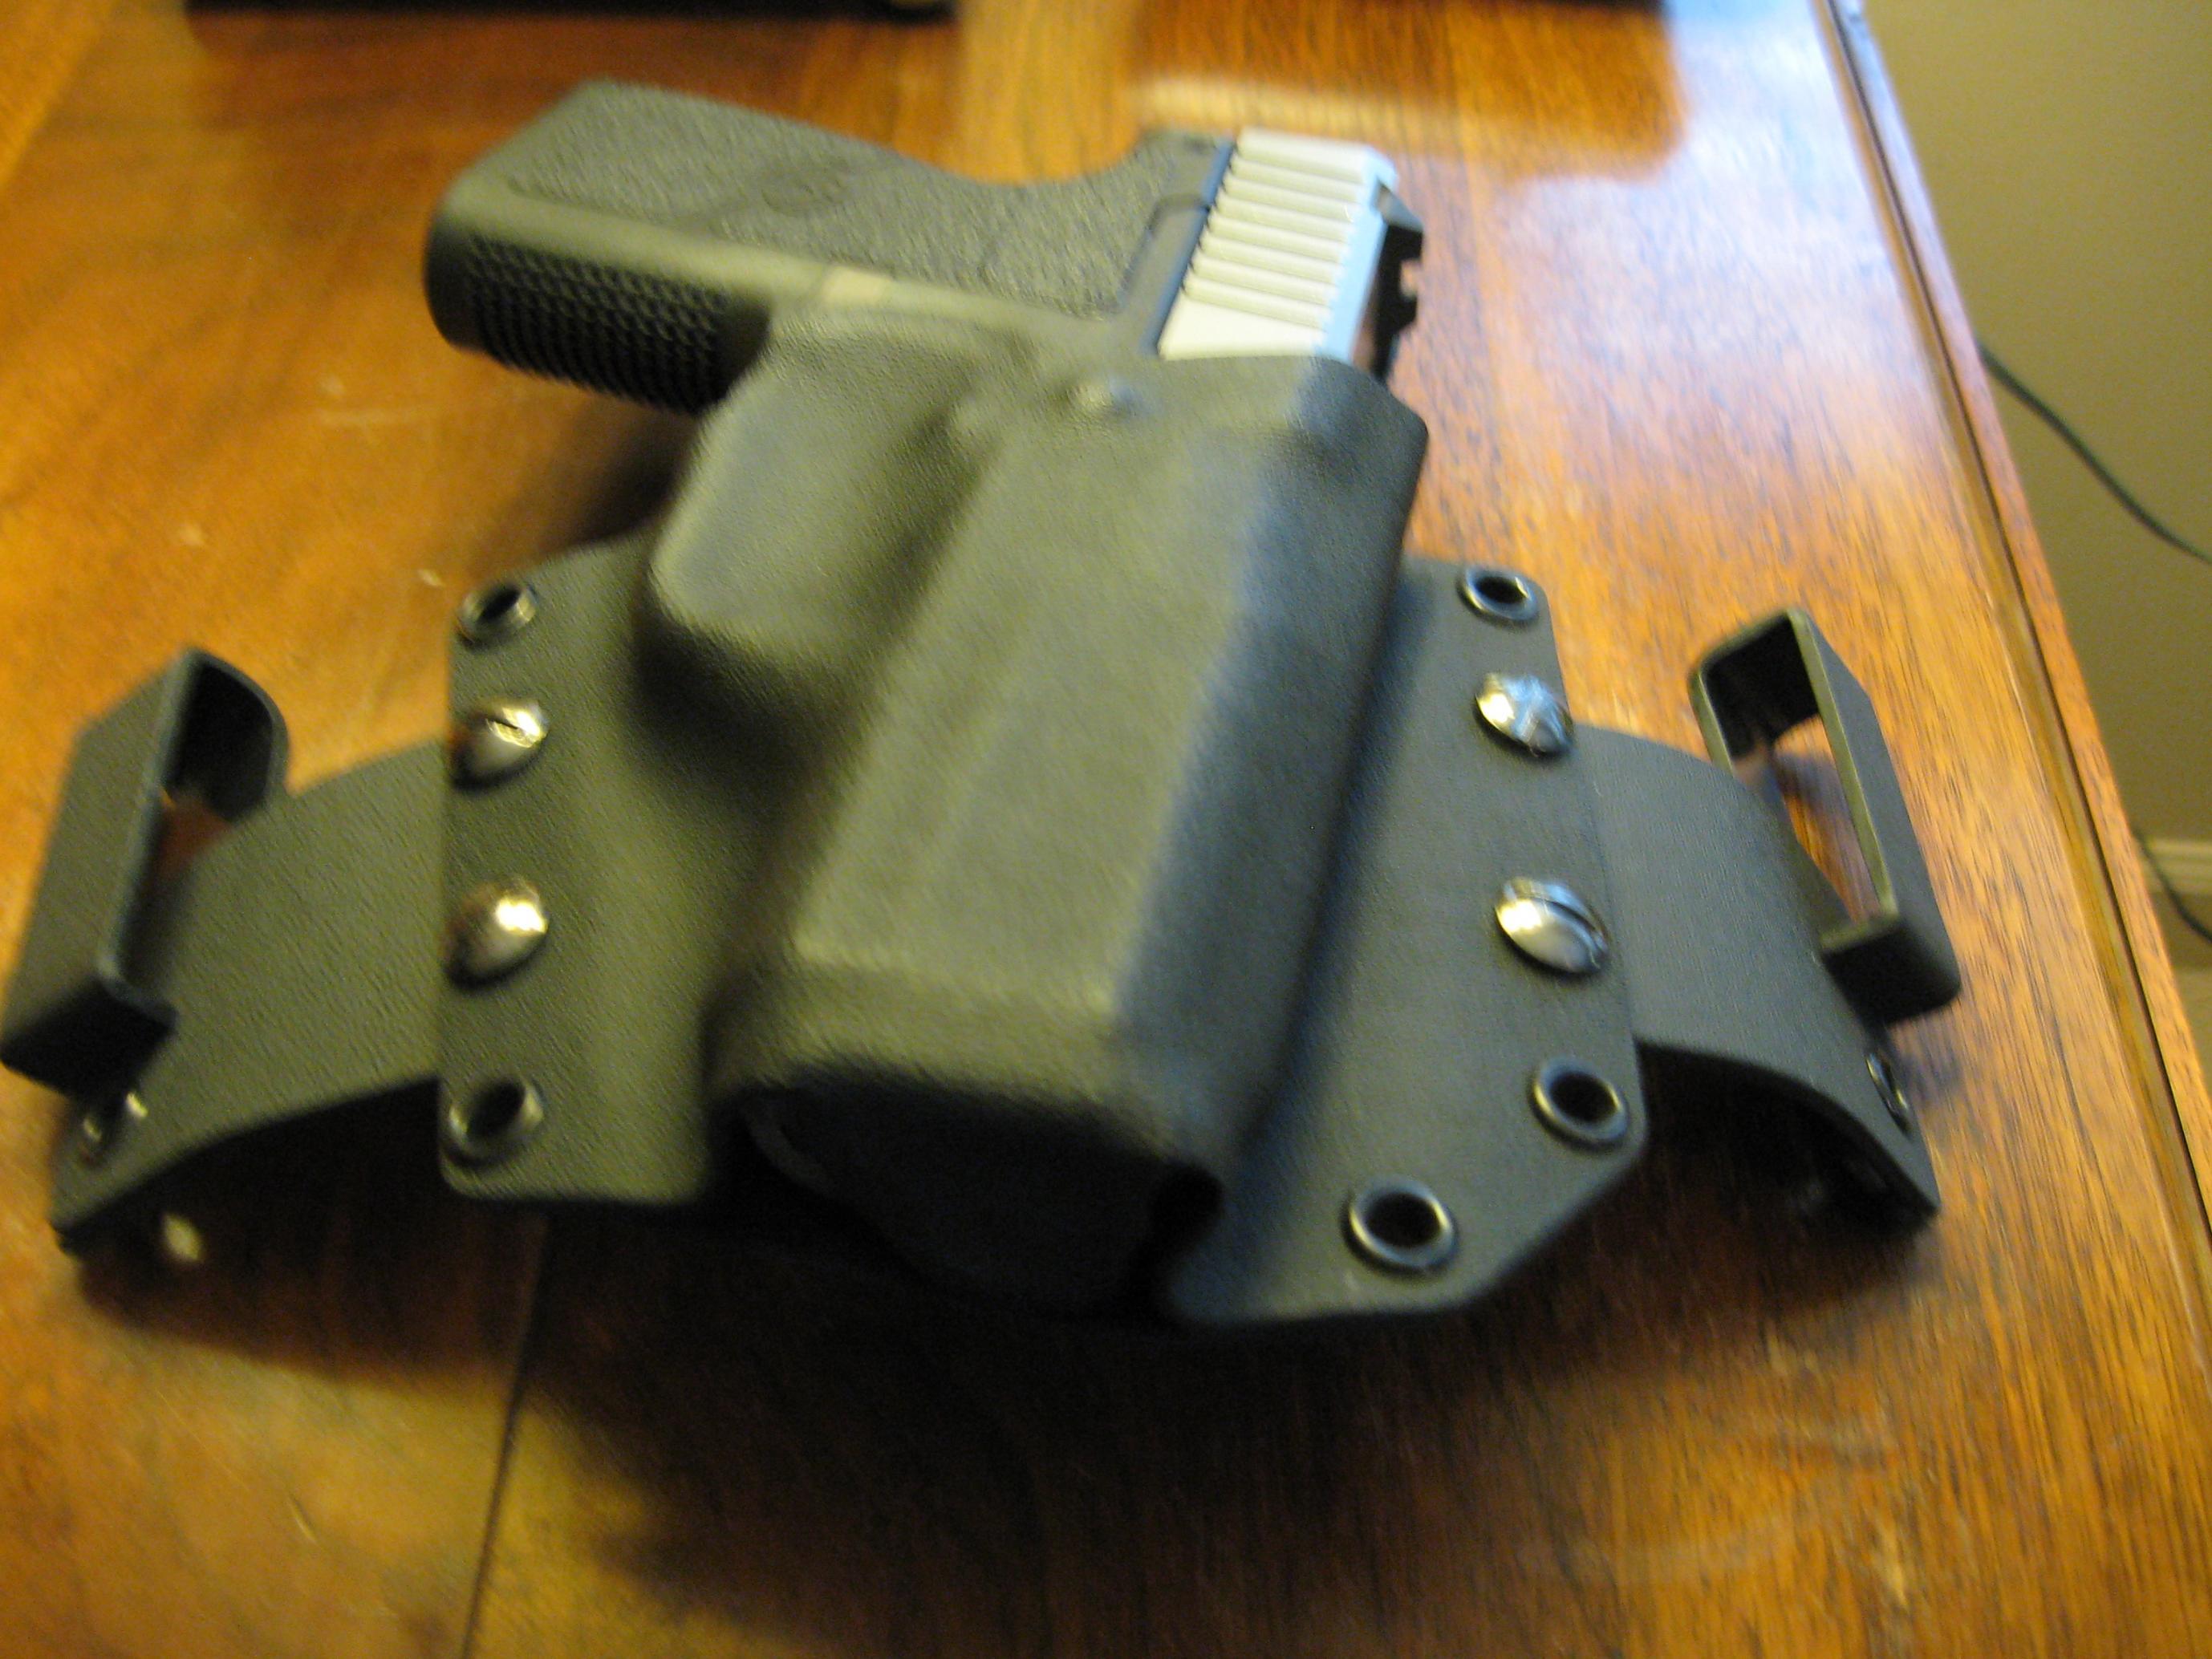 Kahr CW9/homemade holster (pics)-img_1301.jpg